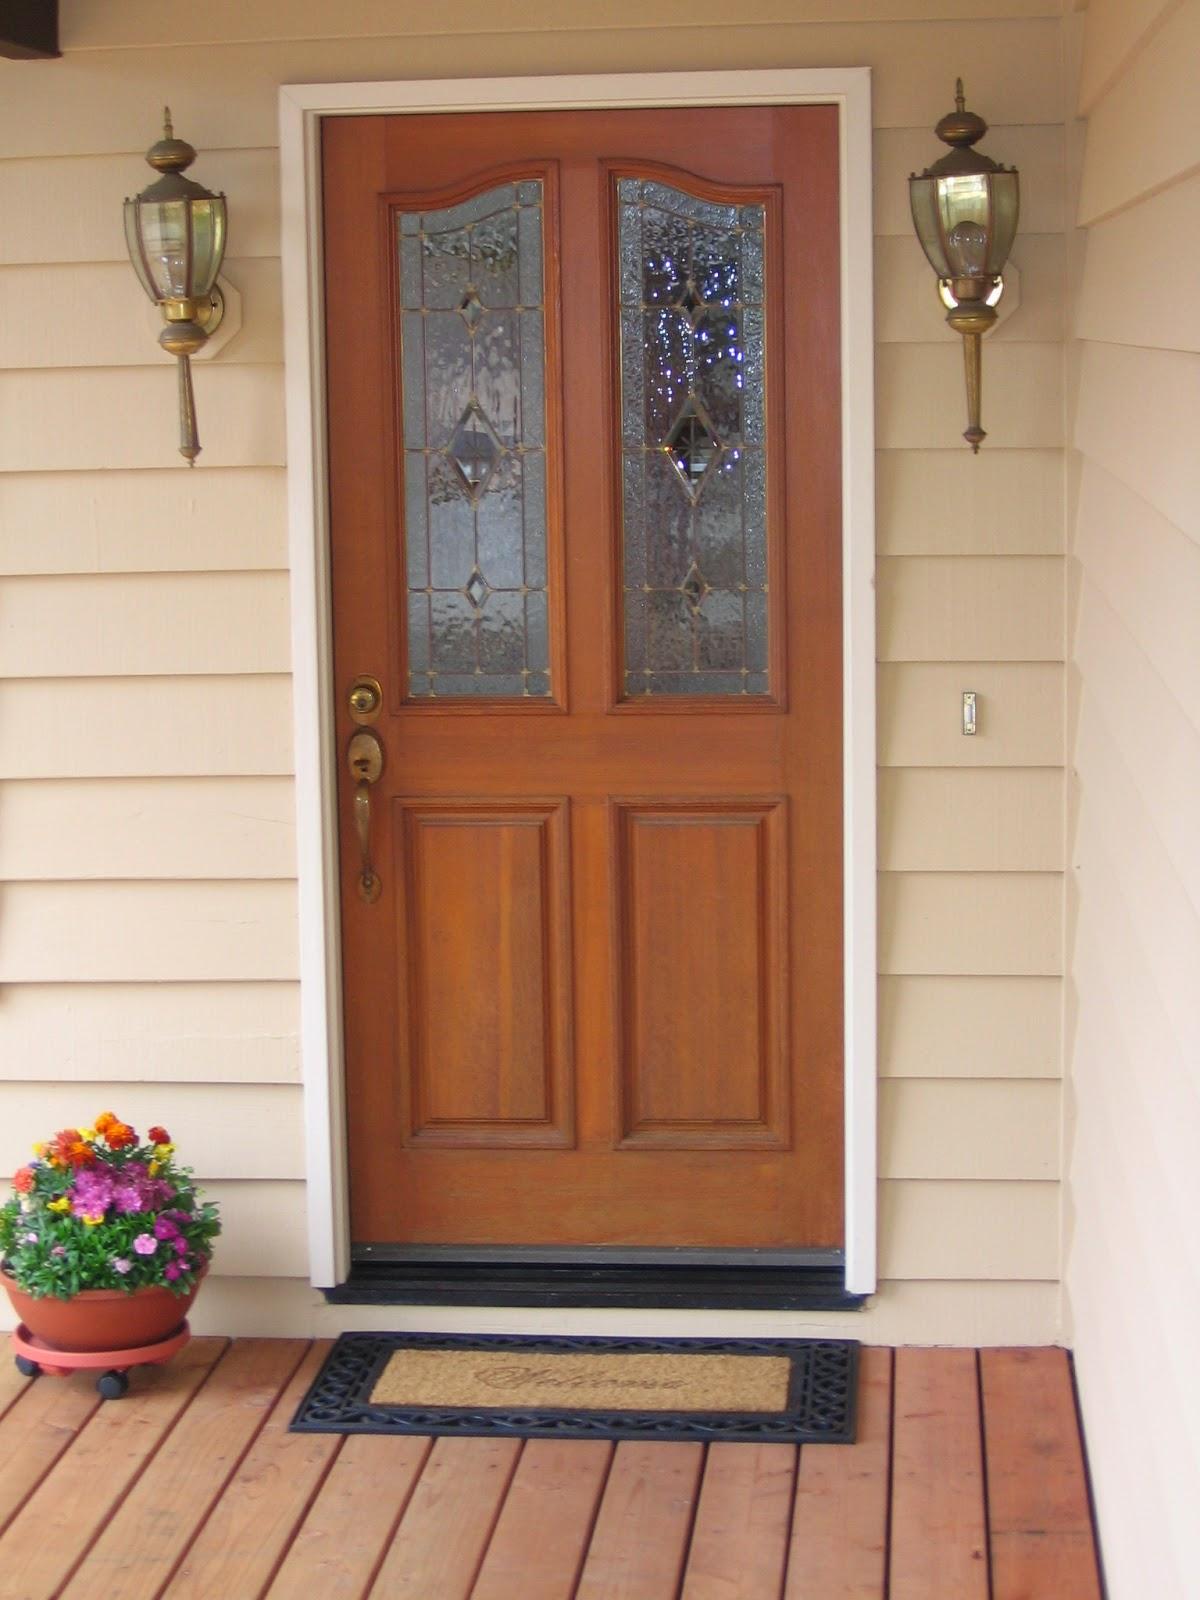 Home Front Door Elevation : افكار ديكورات مدخل المنزل جمــــــال بــيــتـــــــك